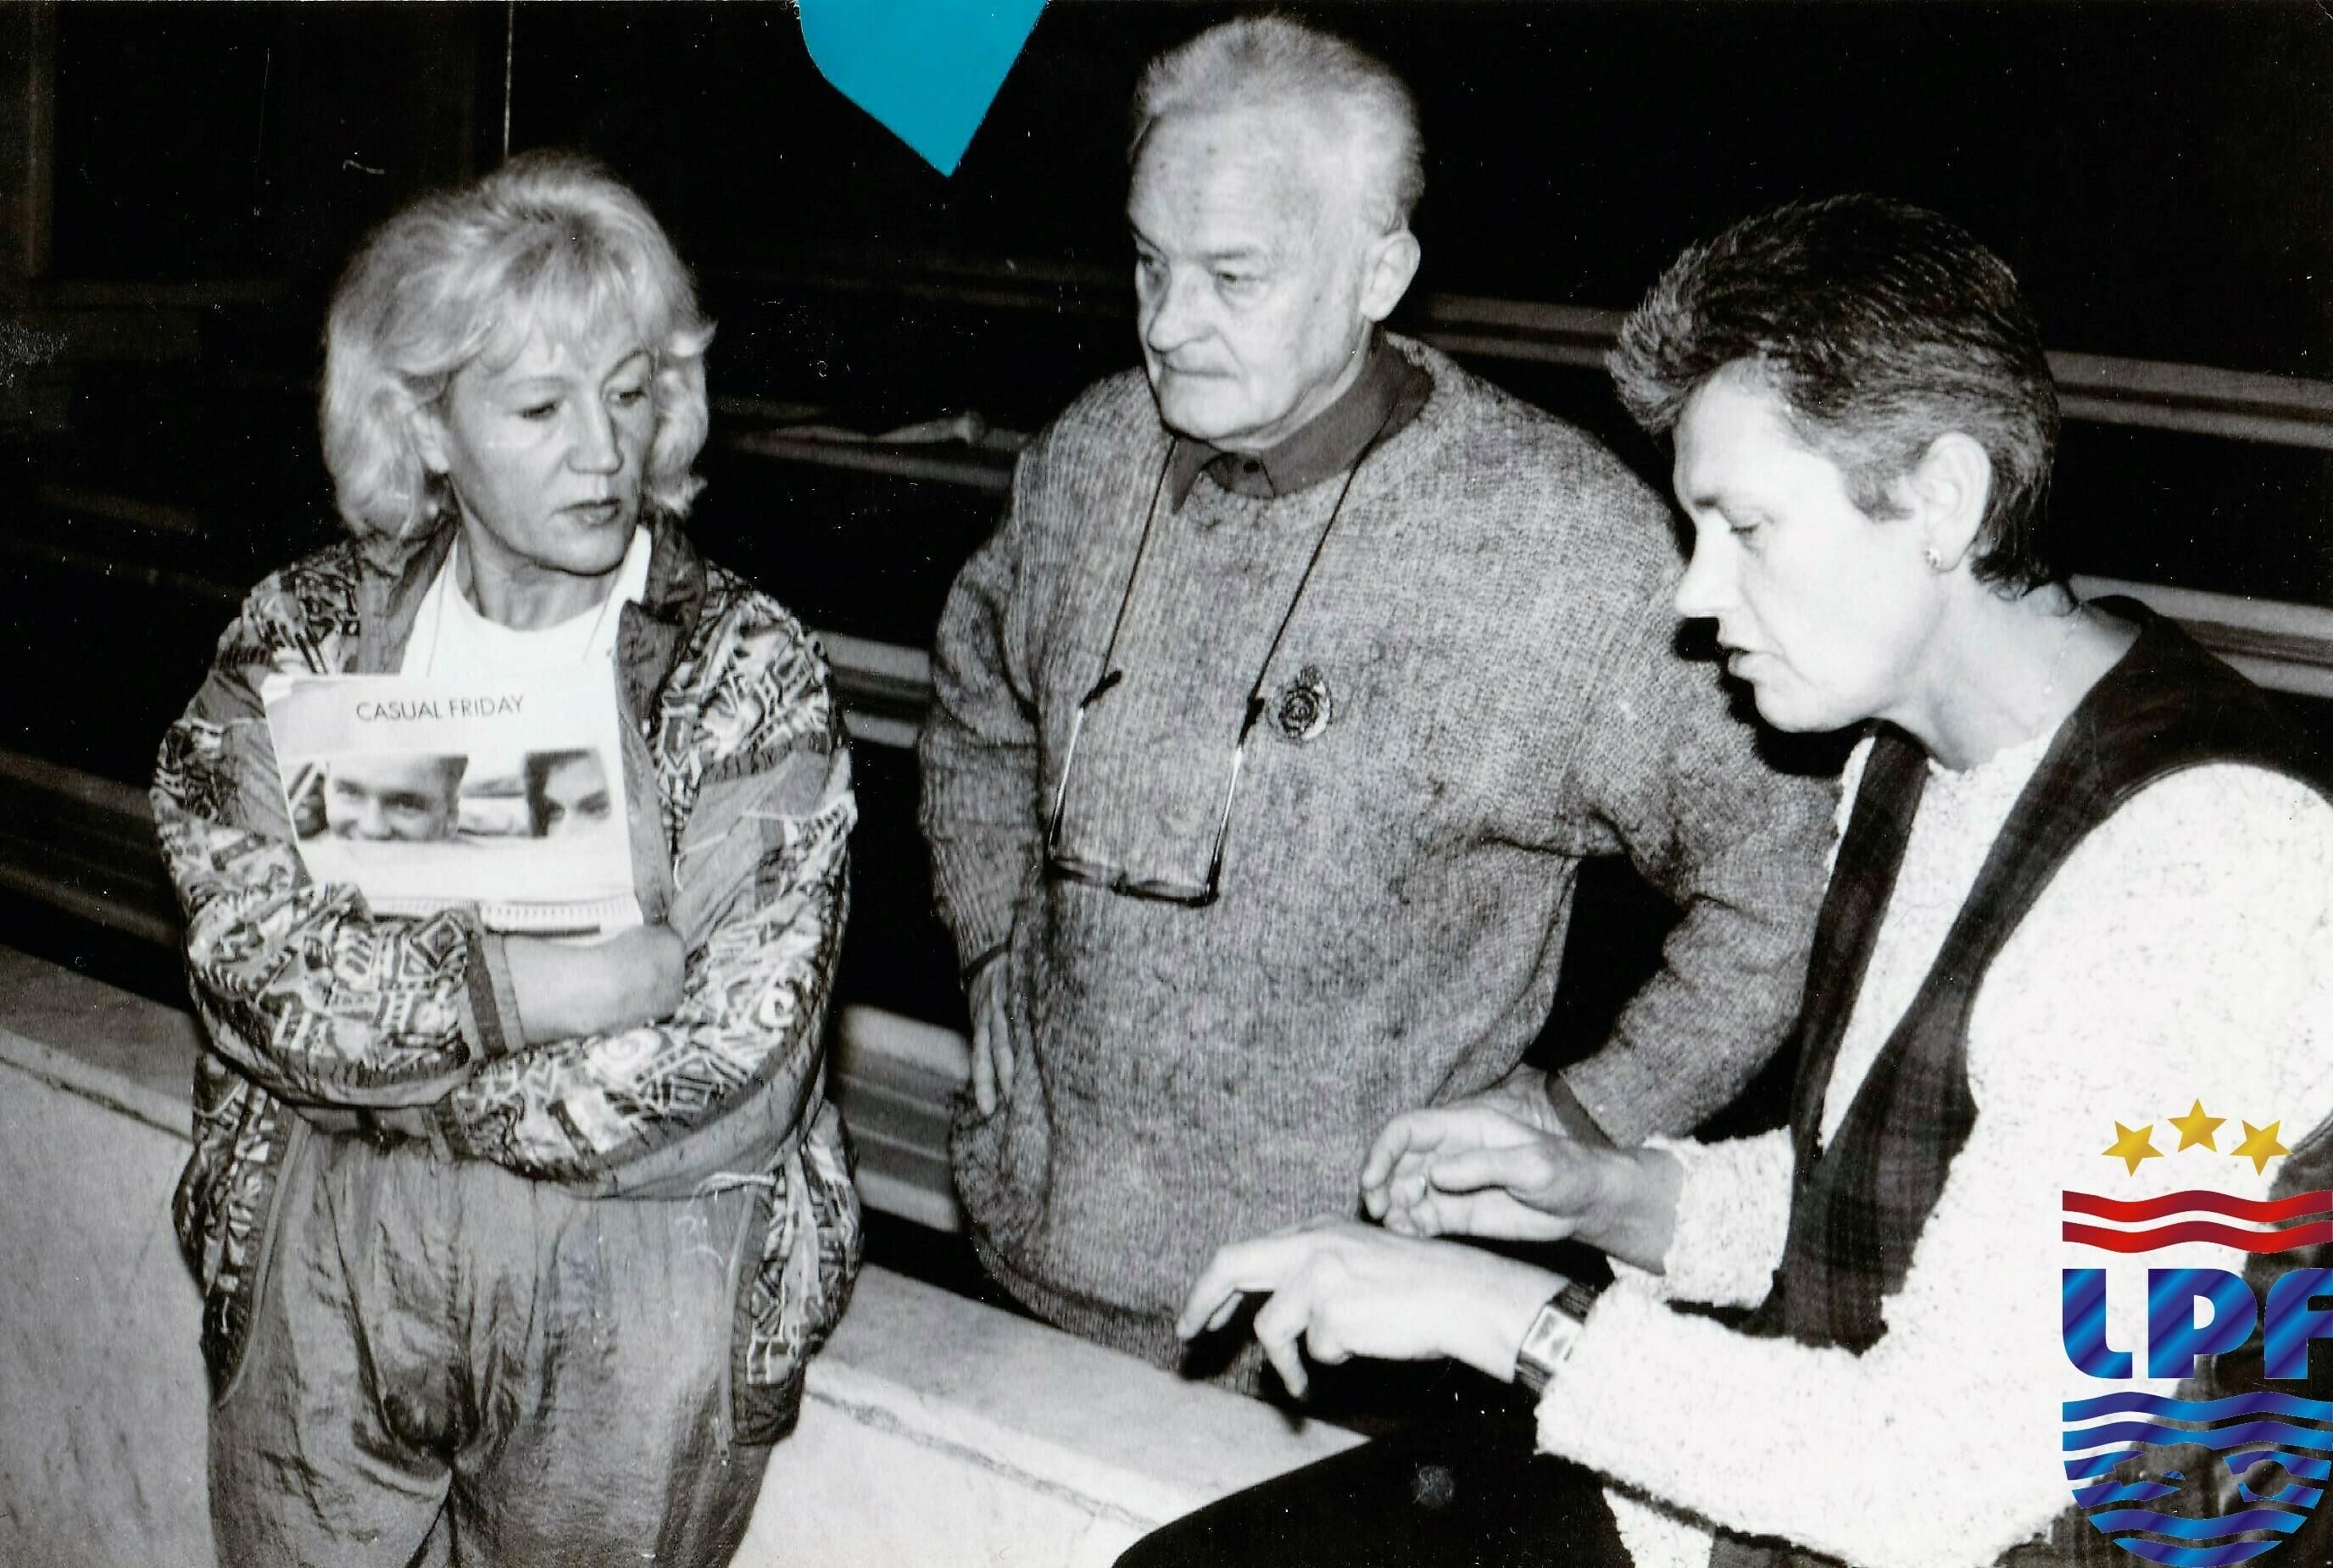 Treneri Lidija Kaufmane, Juris Rode un Velta Marija Upmale sporta kluba VEF peldbaseinā, Rīgā. 90. gadi. Fotogrāfs nezināms. V. M. Upmales privātais arhīvs